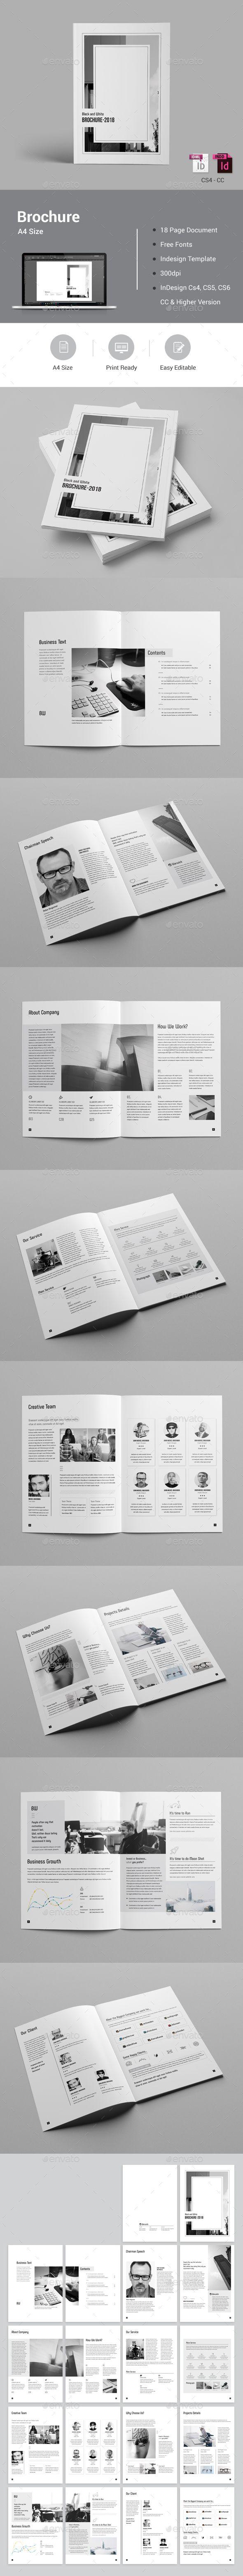 Black & White Brochure | Diseños creativos, Catálogo y Creativo